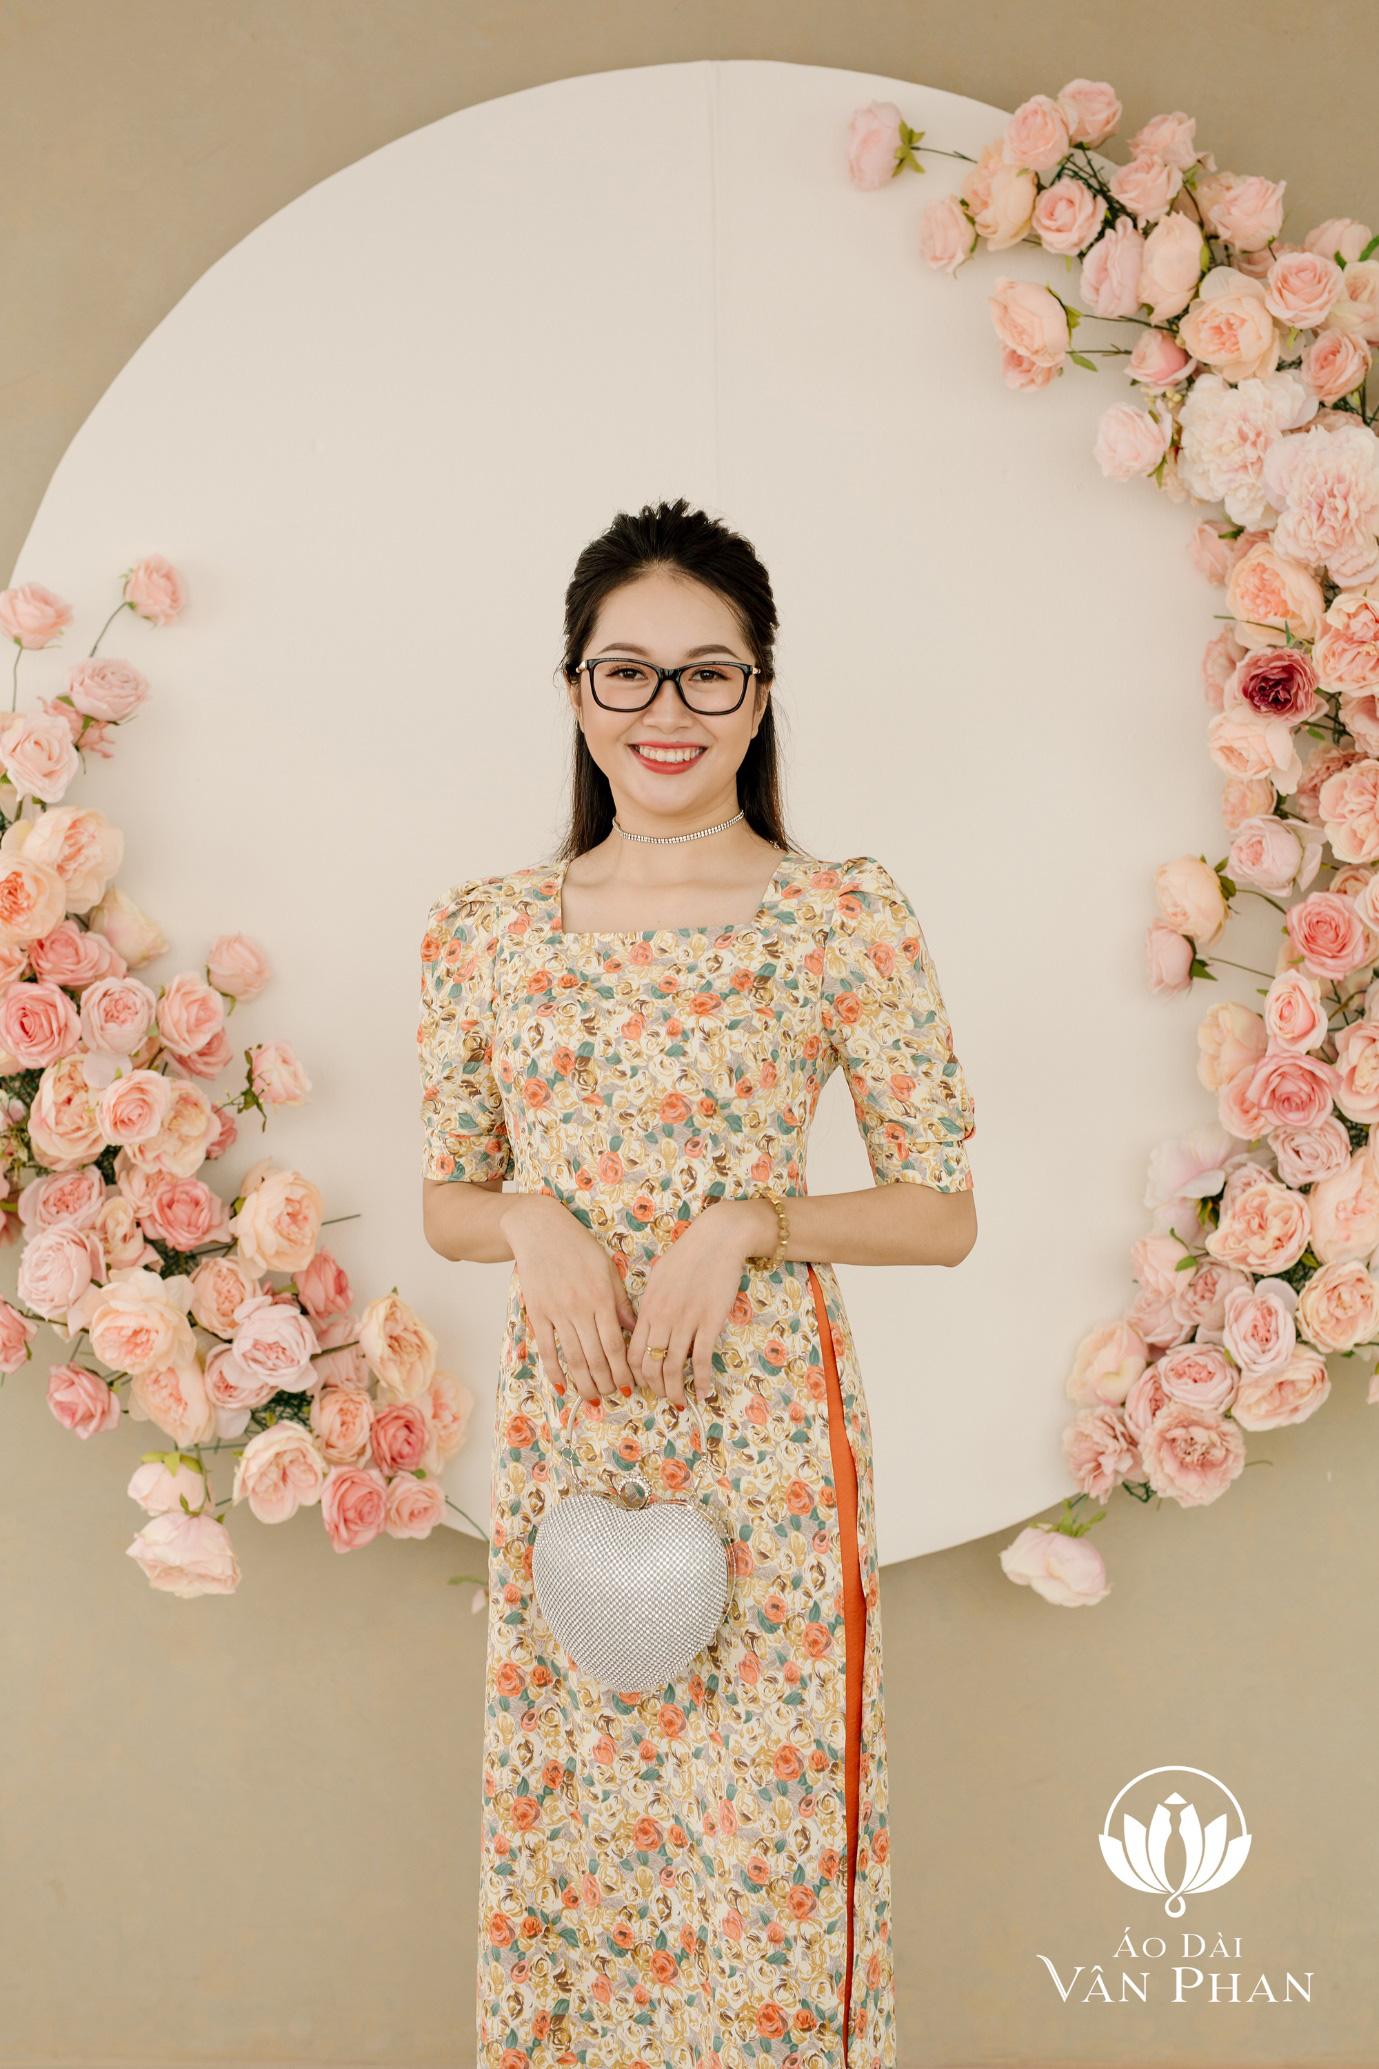 Áo Dài Vân Phan - Nơi cập nhật xu hướng thời trang cho phái đẹp - Ảnh 5.